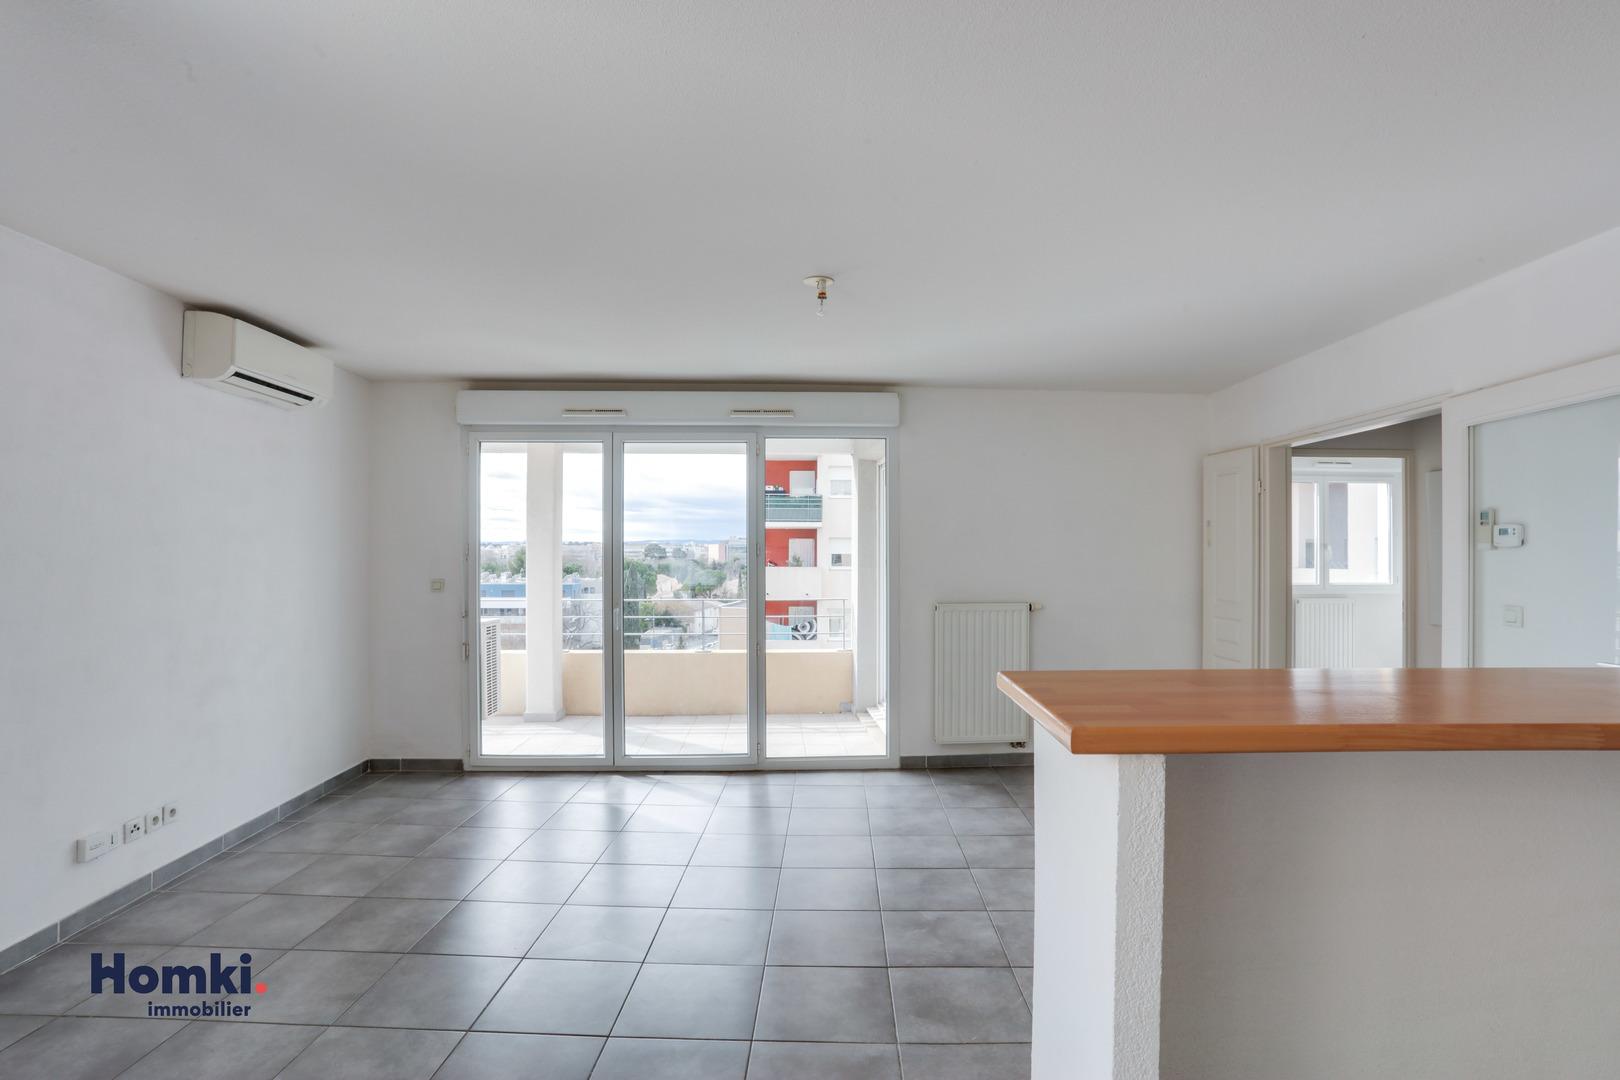 Vente Appartement 69 m² T3 34000_11